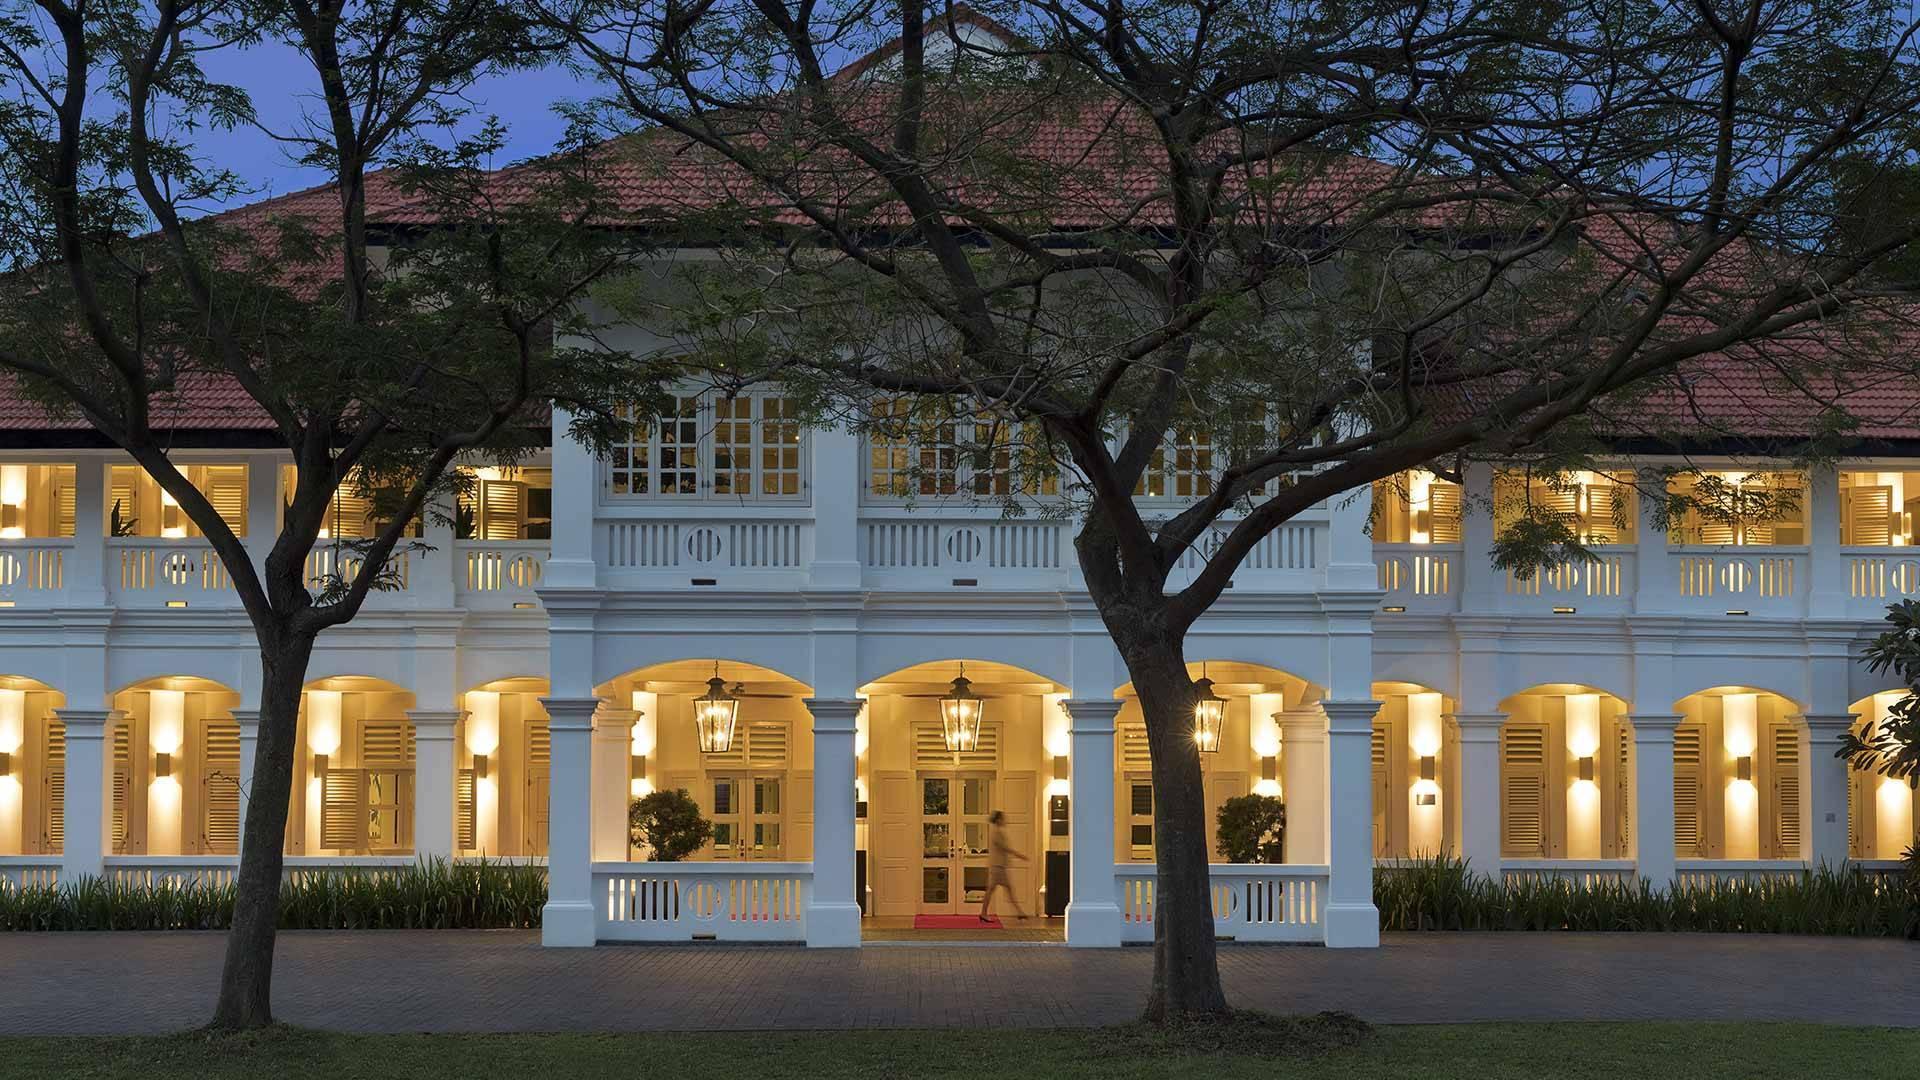 Capella Hotels & Resorts